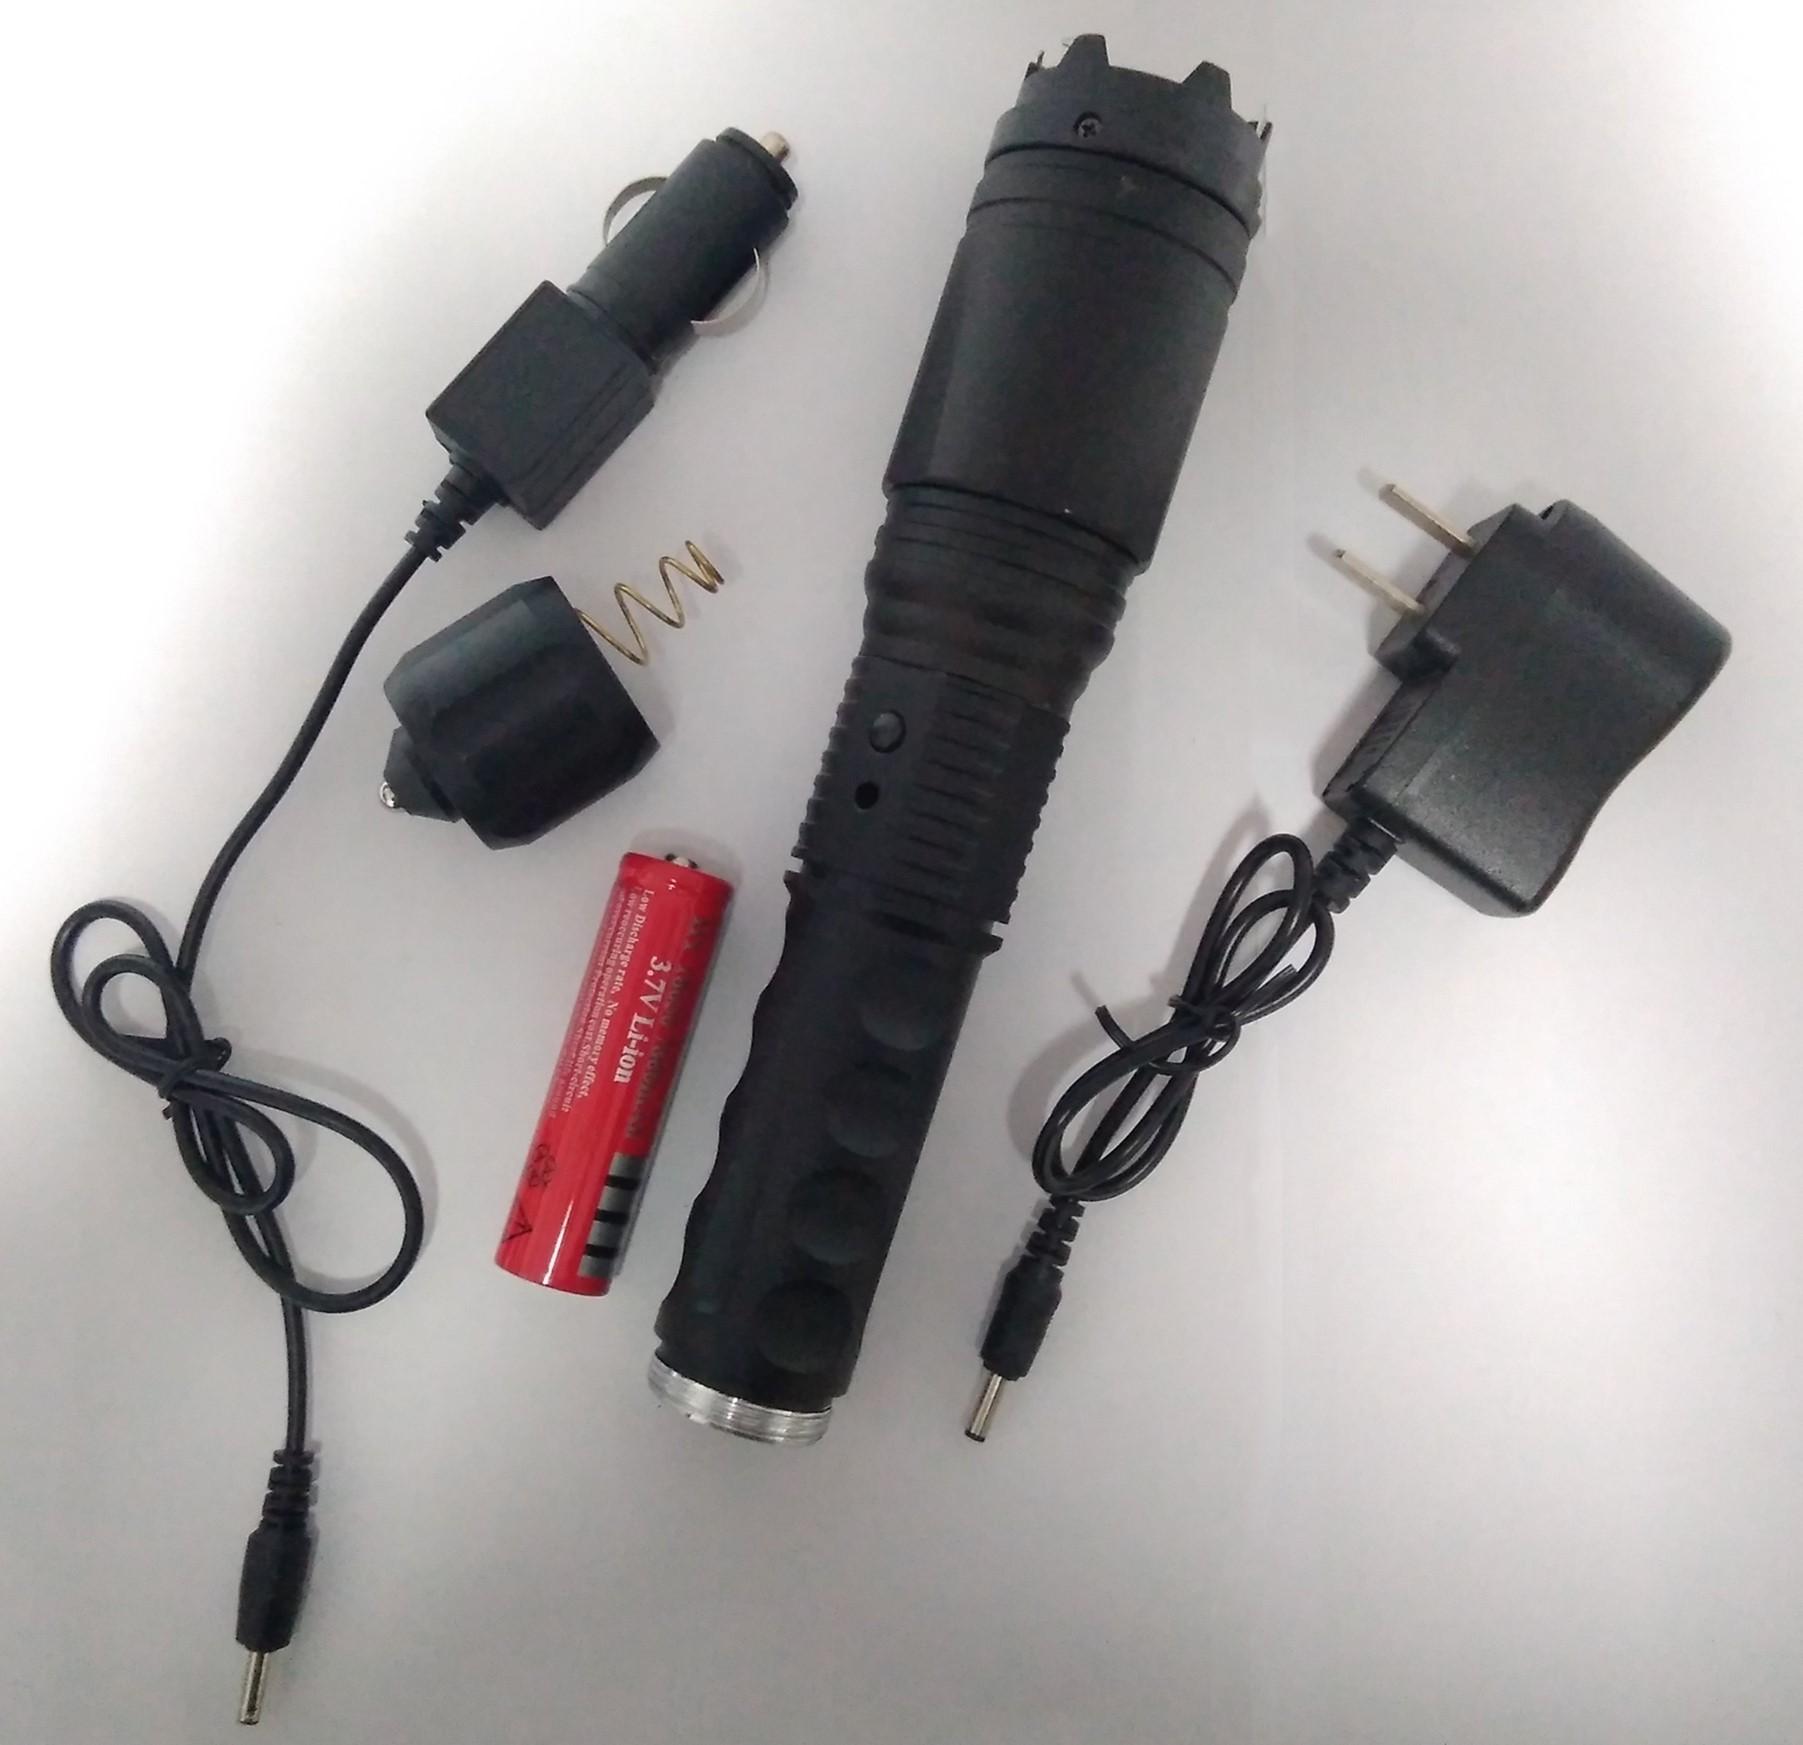 高压防身电棒如何充电?